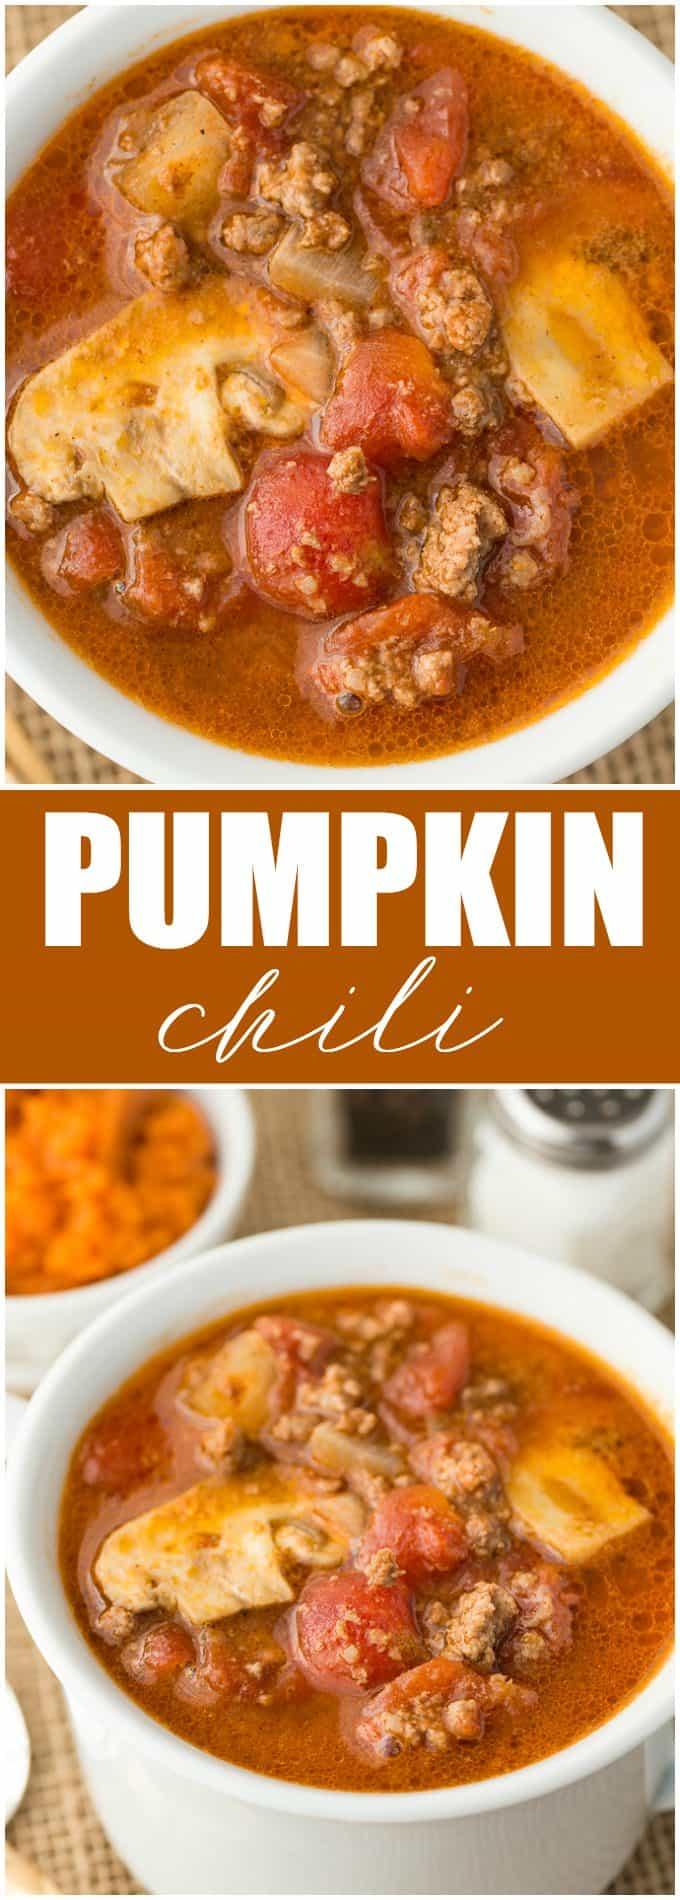 Pumpkin Chili - A unique, flavorful twist on chili for fall!